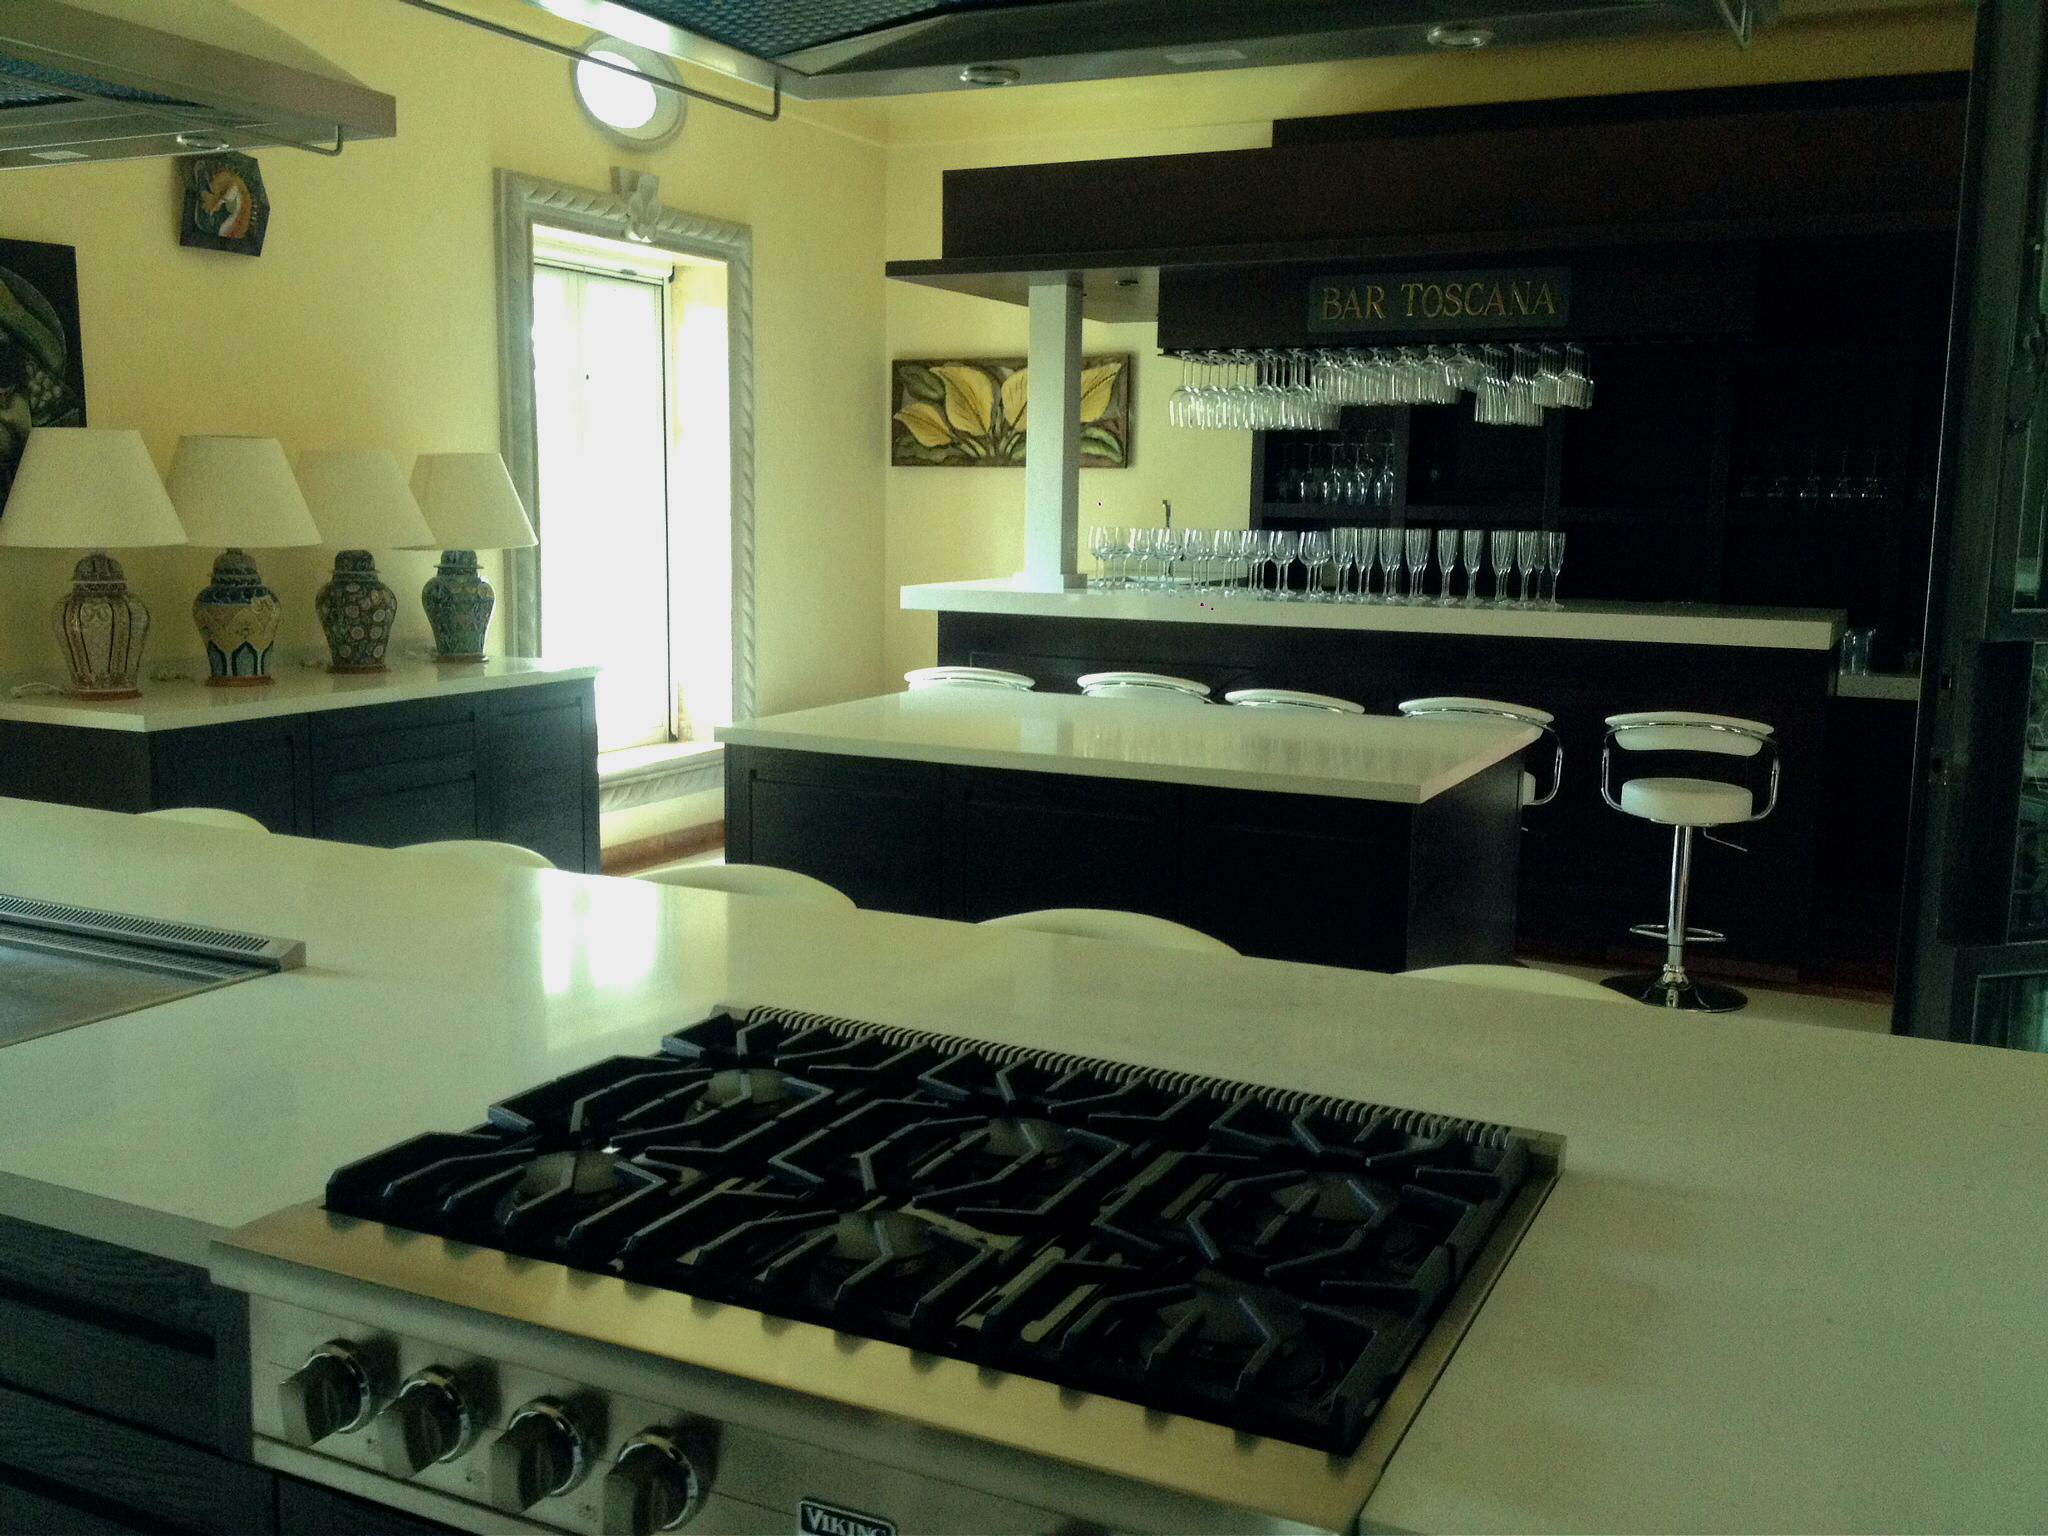 Cocina villa toscana.jpg